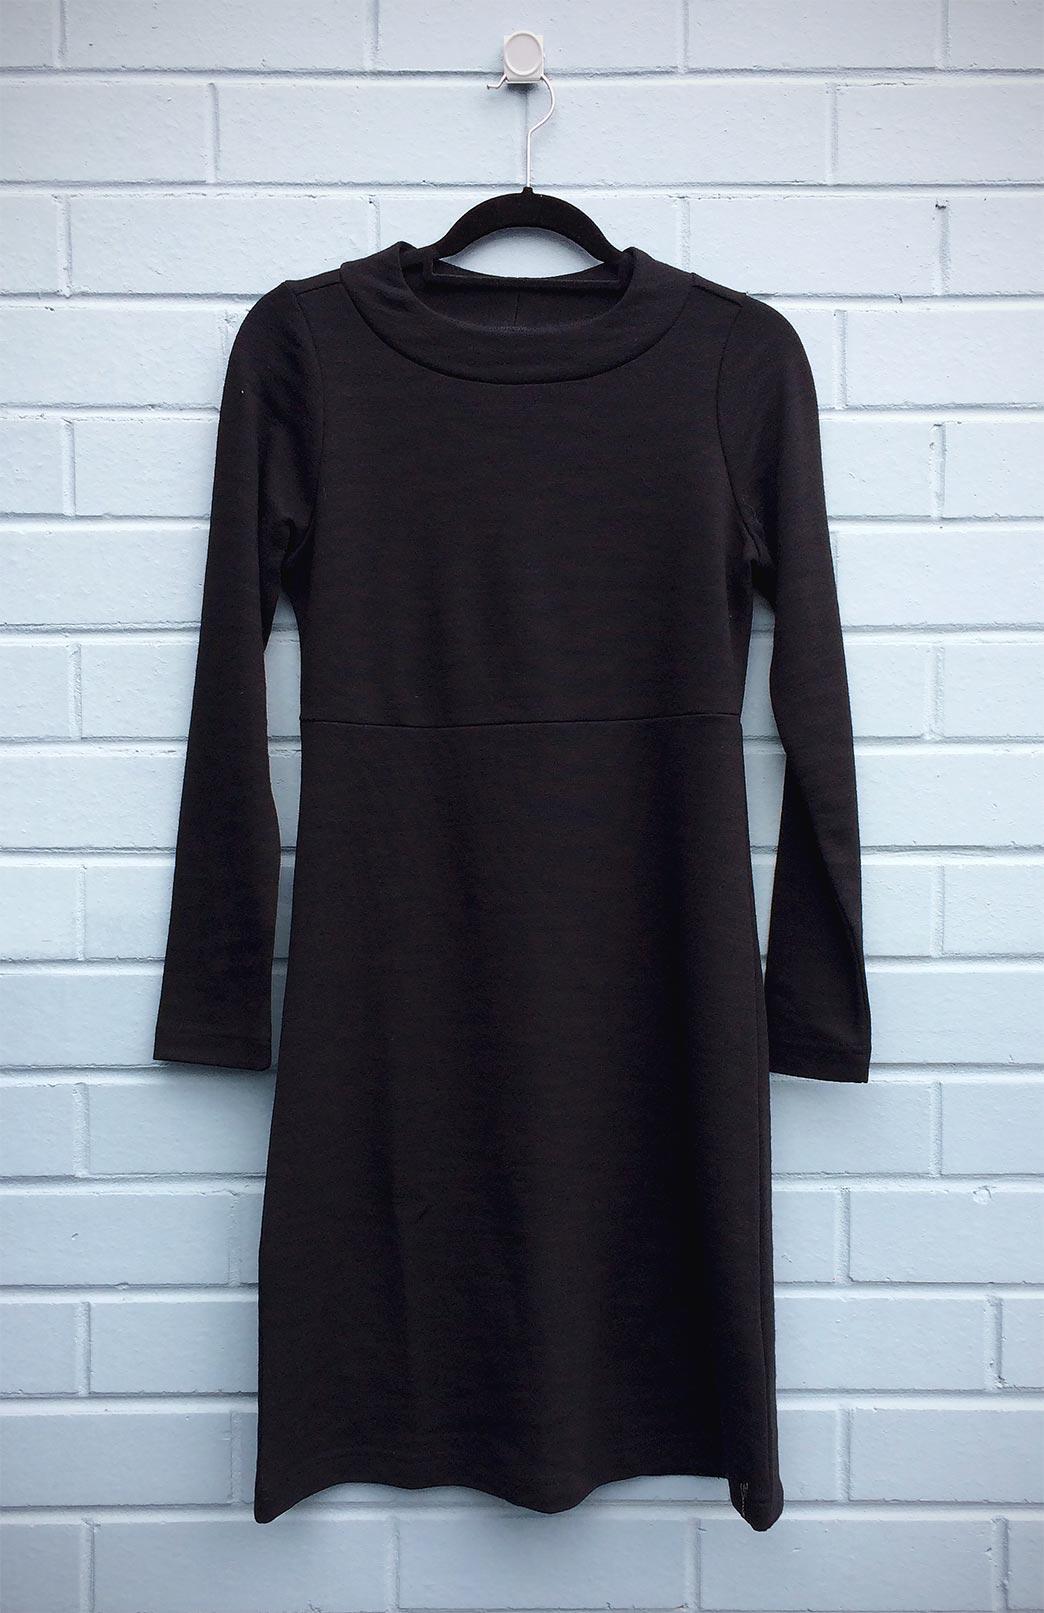 Sascha Straight Dress (Seconds) - Women's Black Merino Wool Dress with Long Sleeves and Straight Skirt - Smitten Merino Tasmania Australia